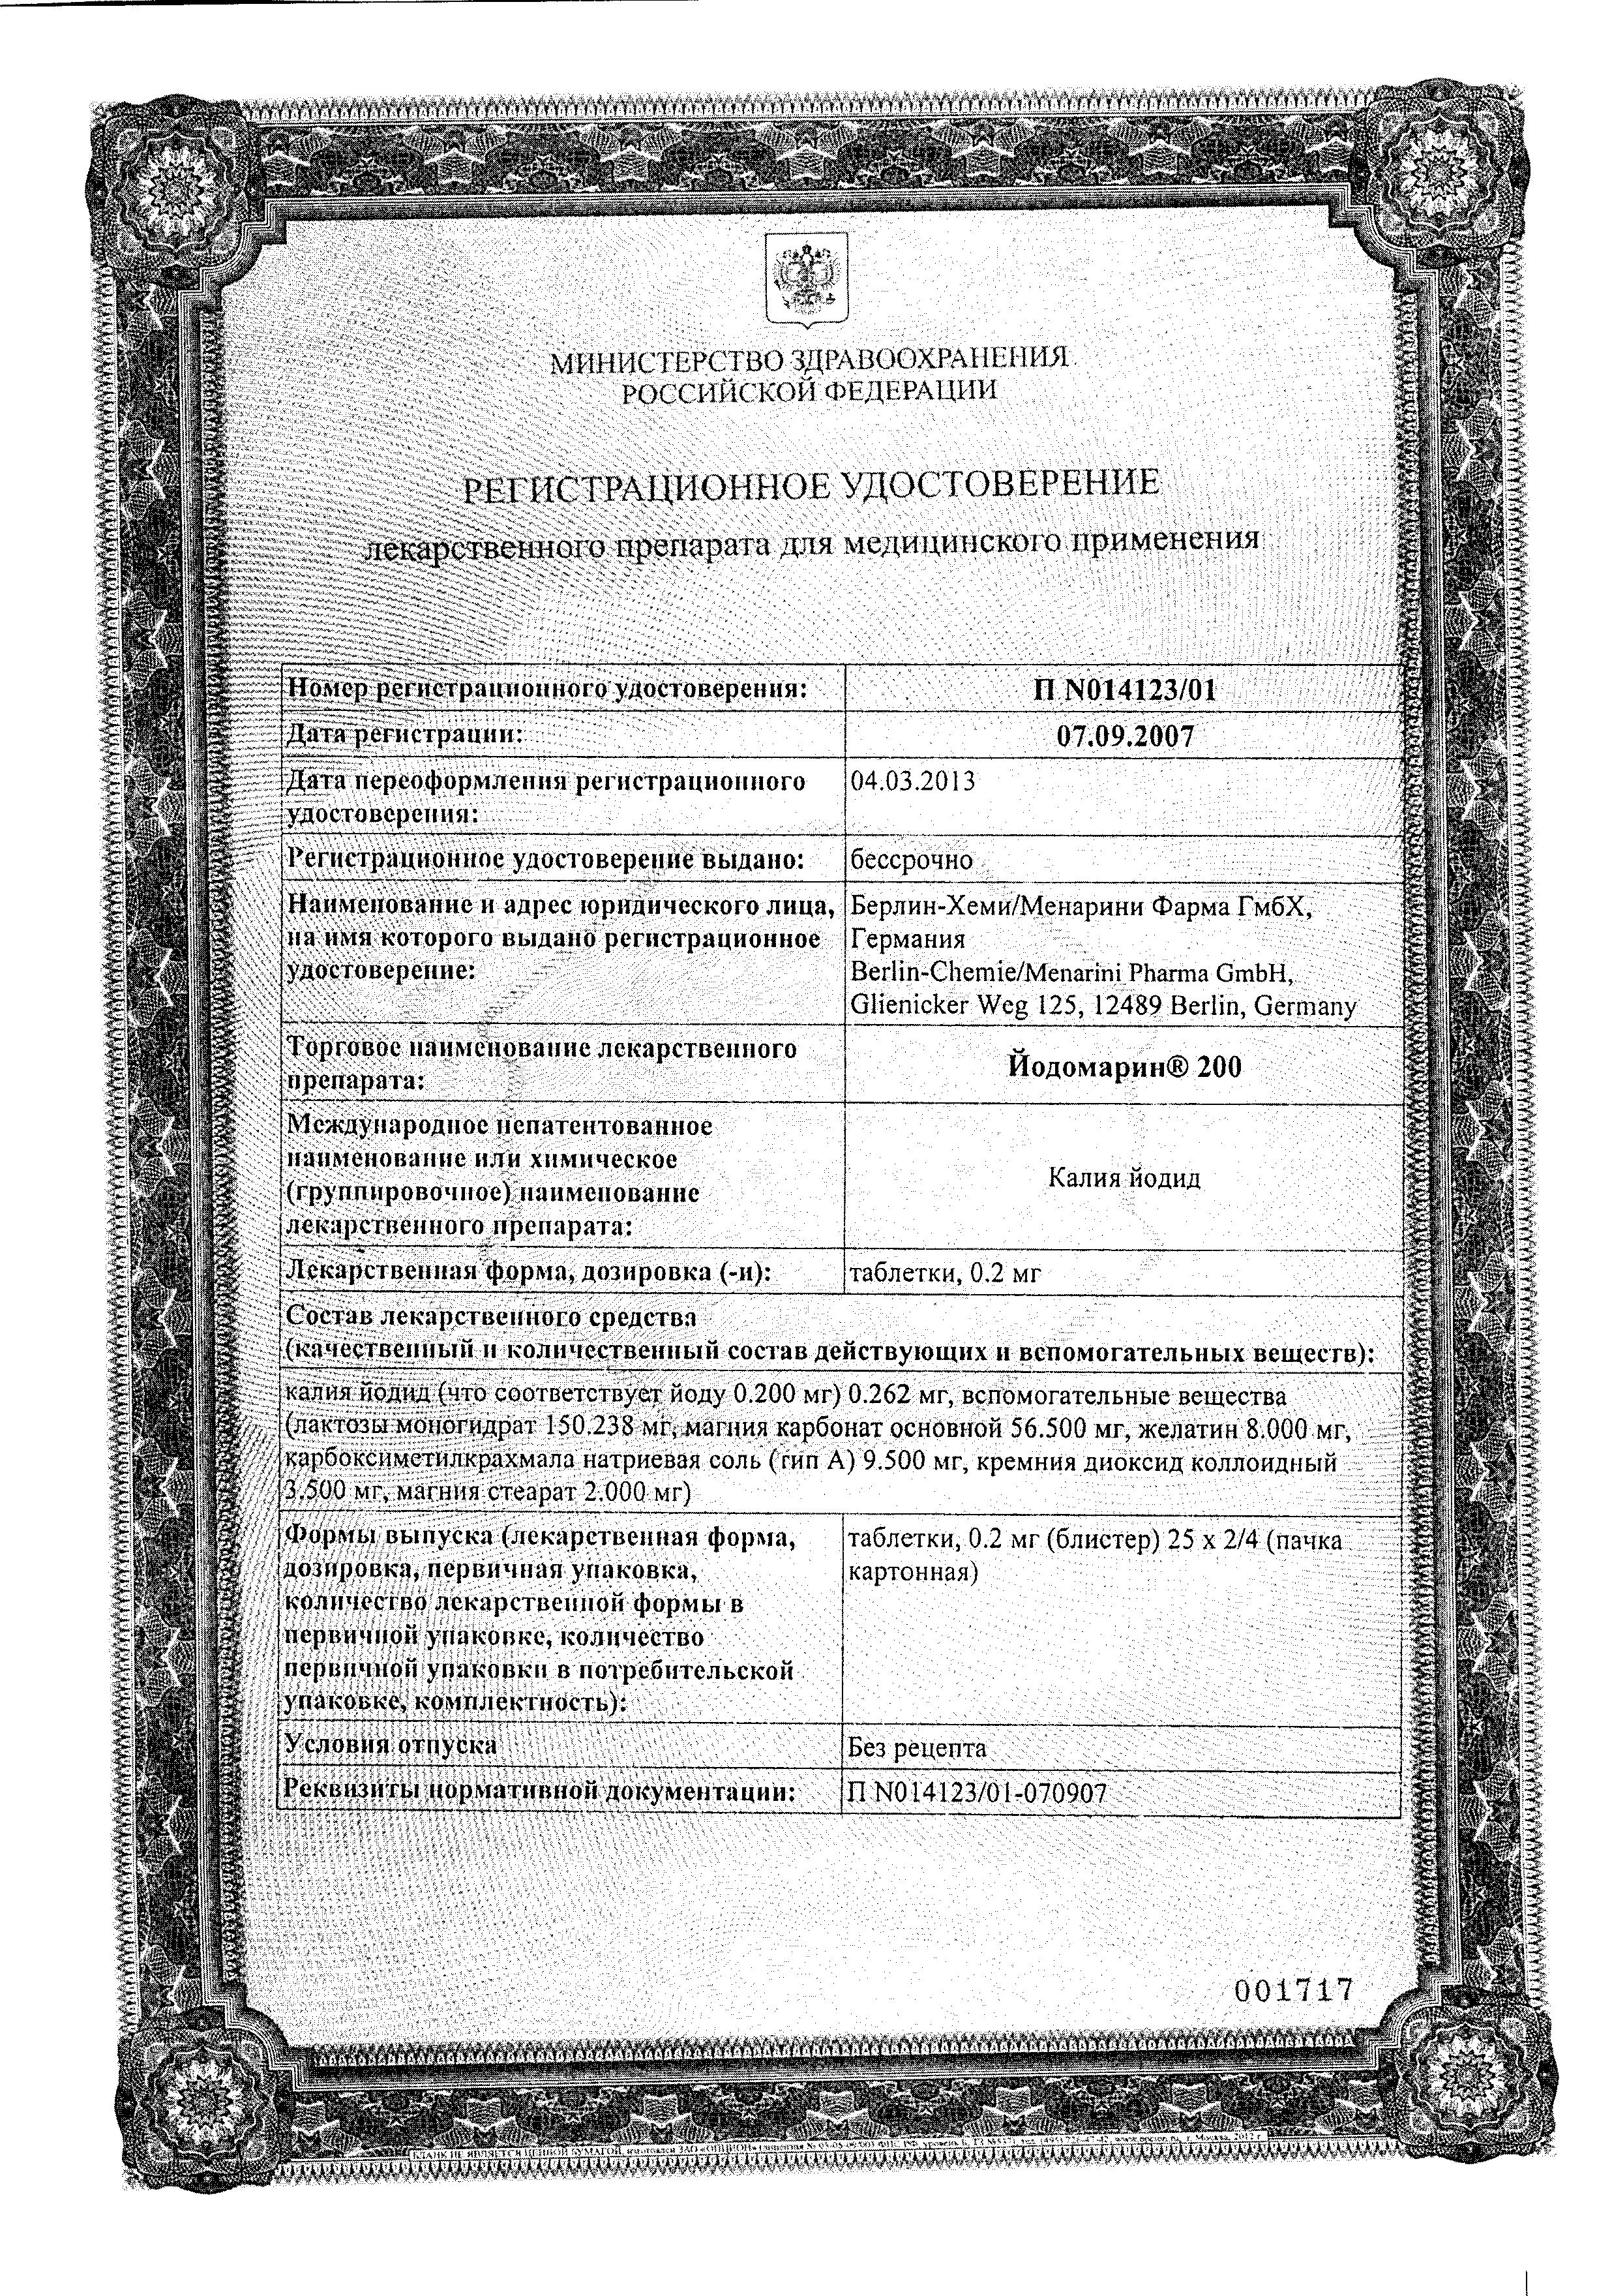 Йодомарин200 сертификат